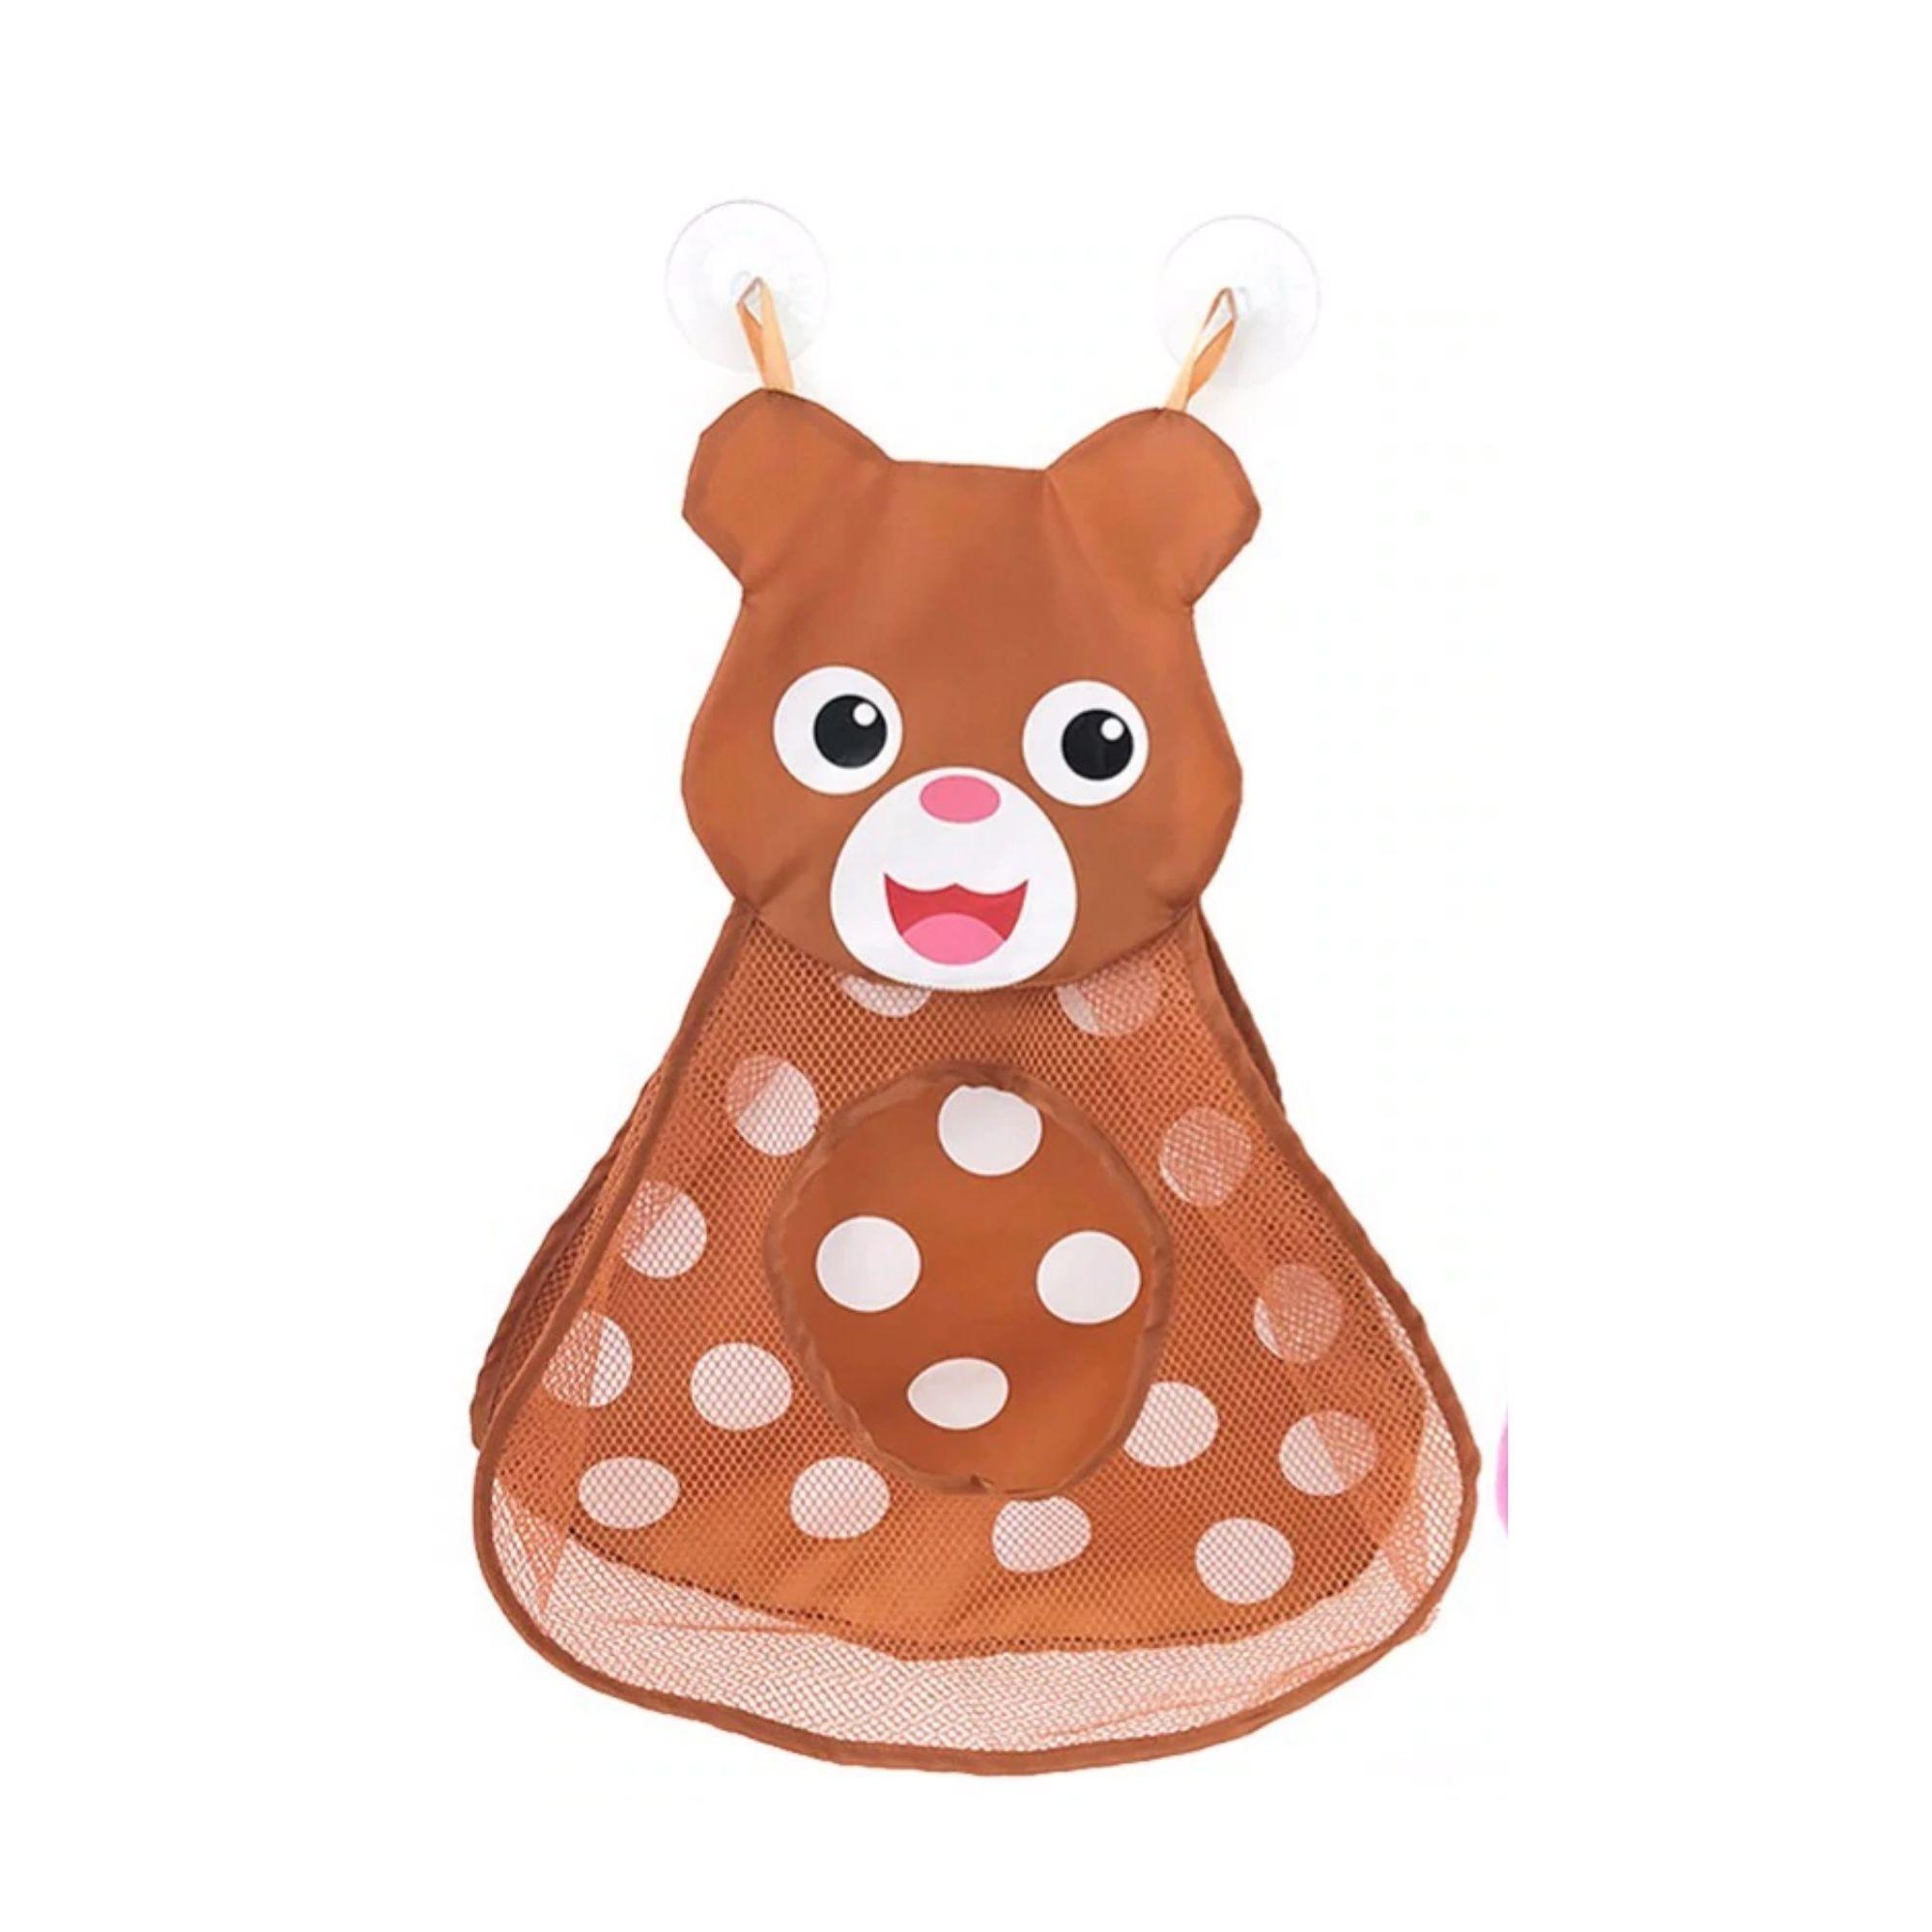 Saco Organizador de Brinquedos de Banho Ursinho Divertido  - Game Land Brinquedos